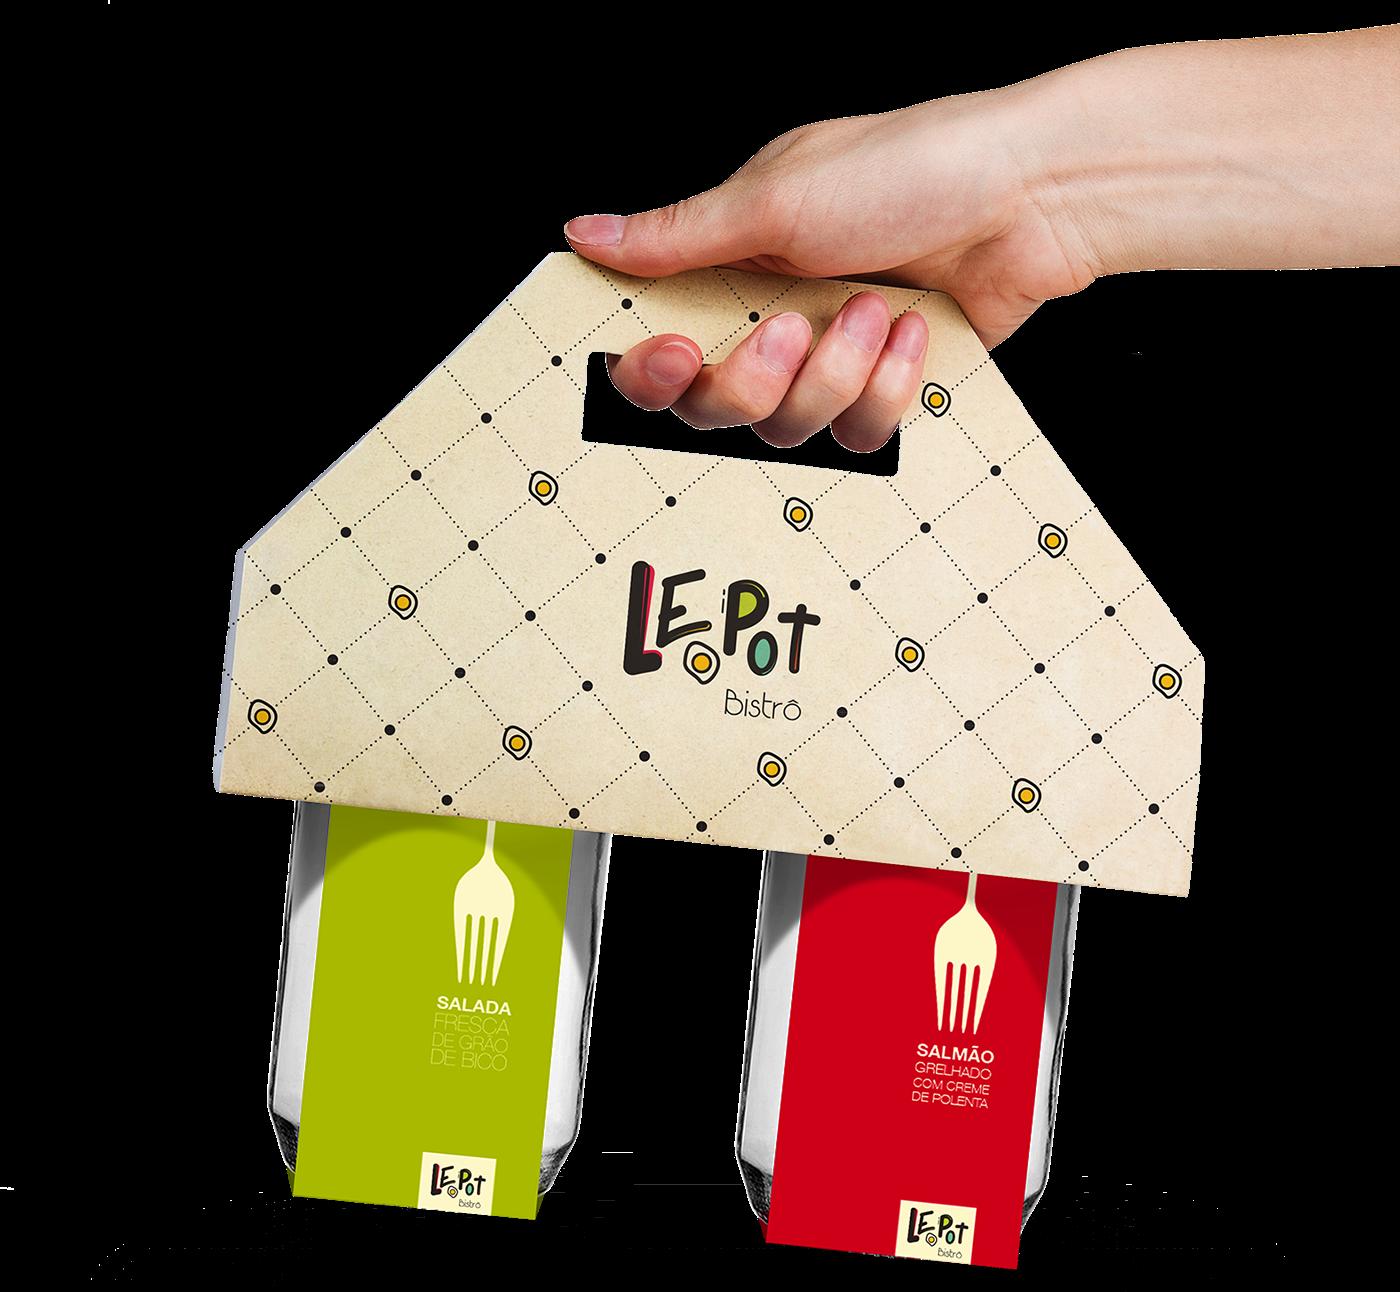 packing design brand marca bistro Food  jar pote restaurant chef Culinary salad embalagem